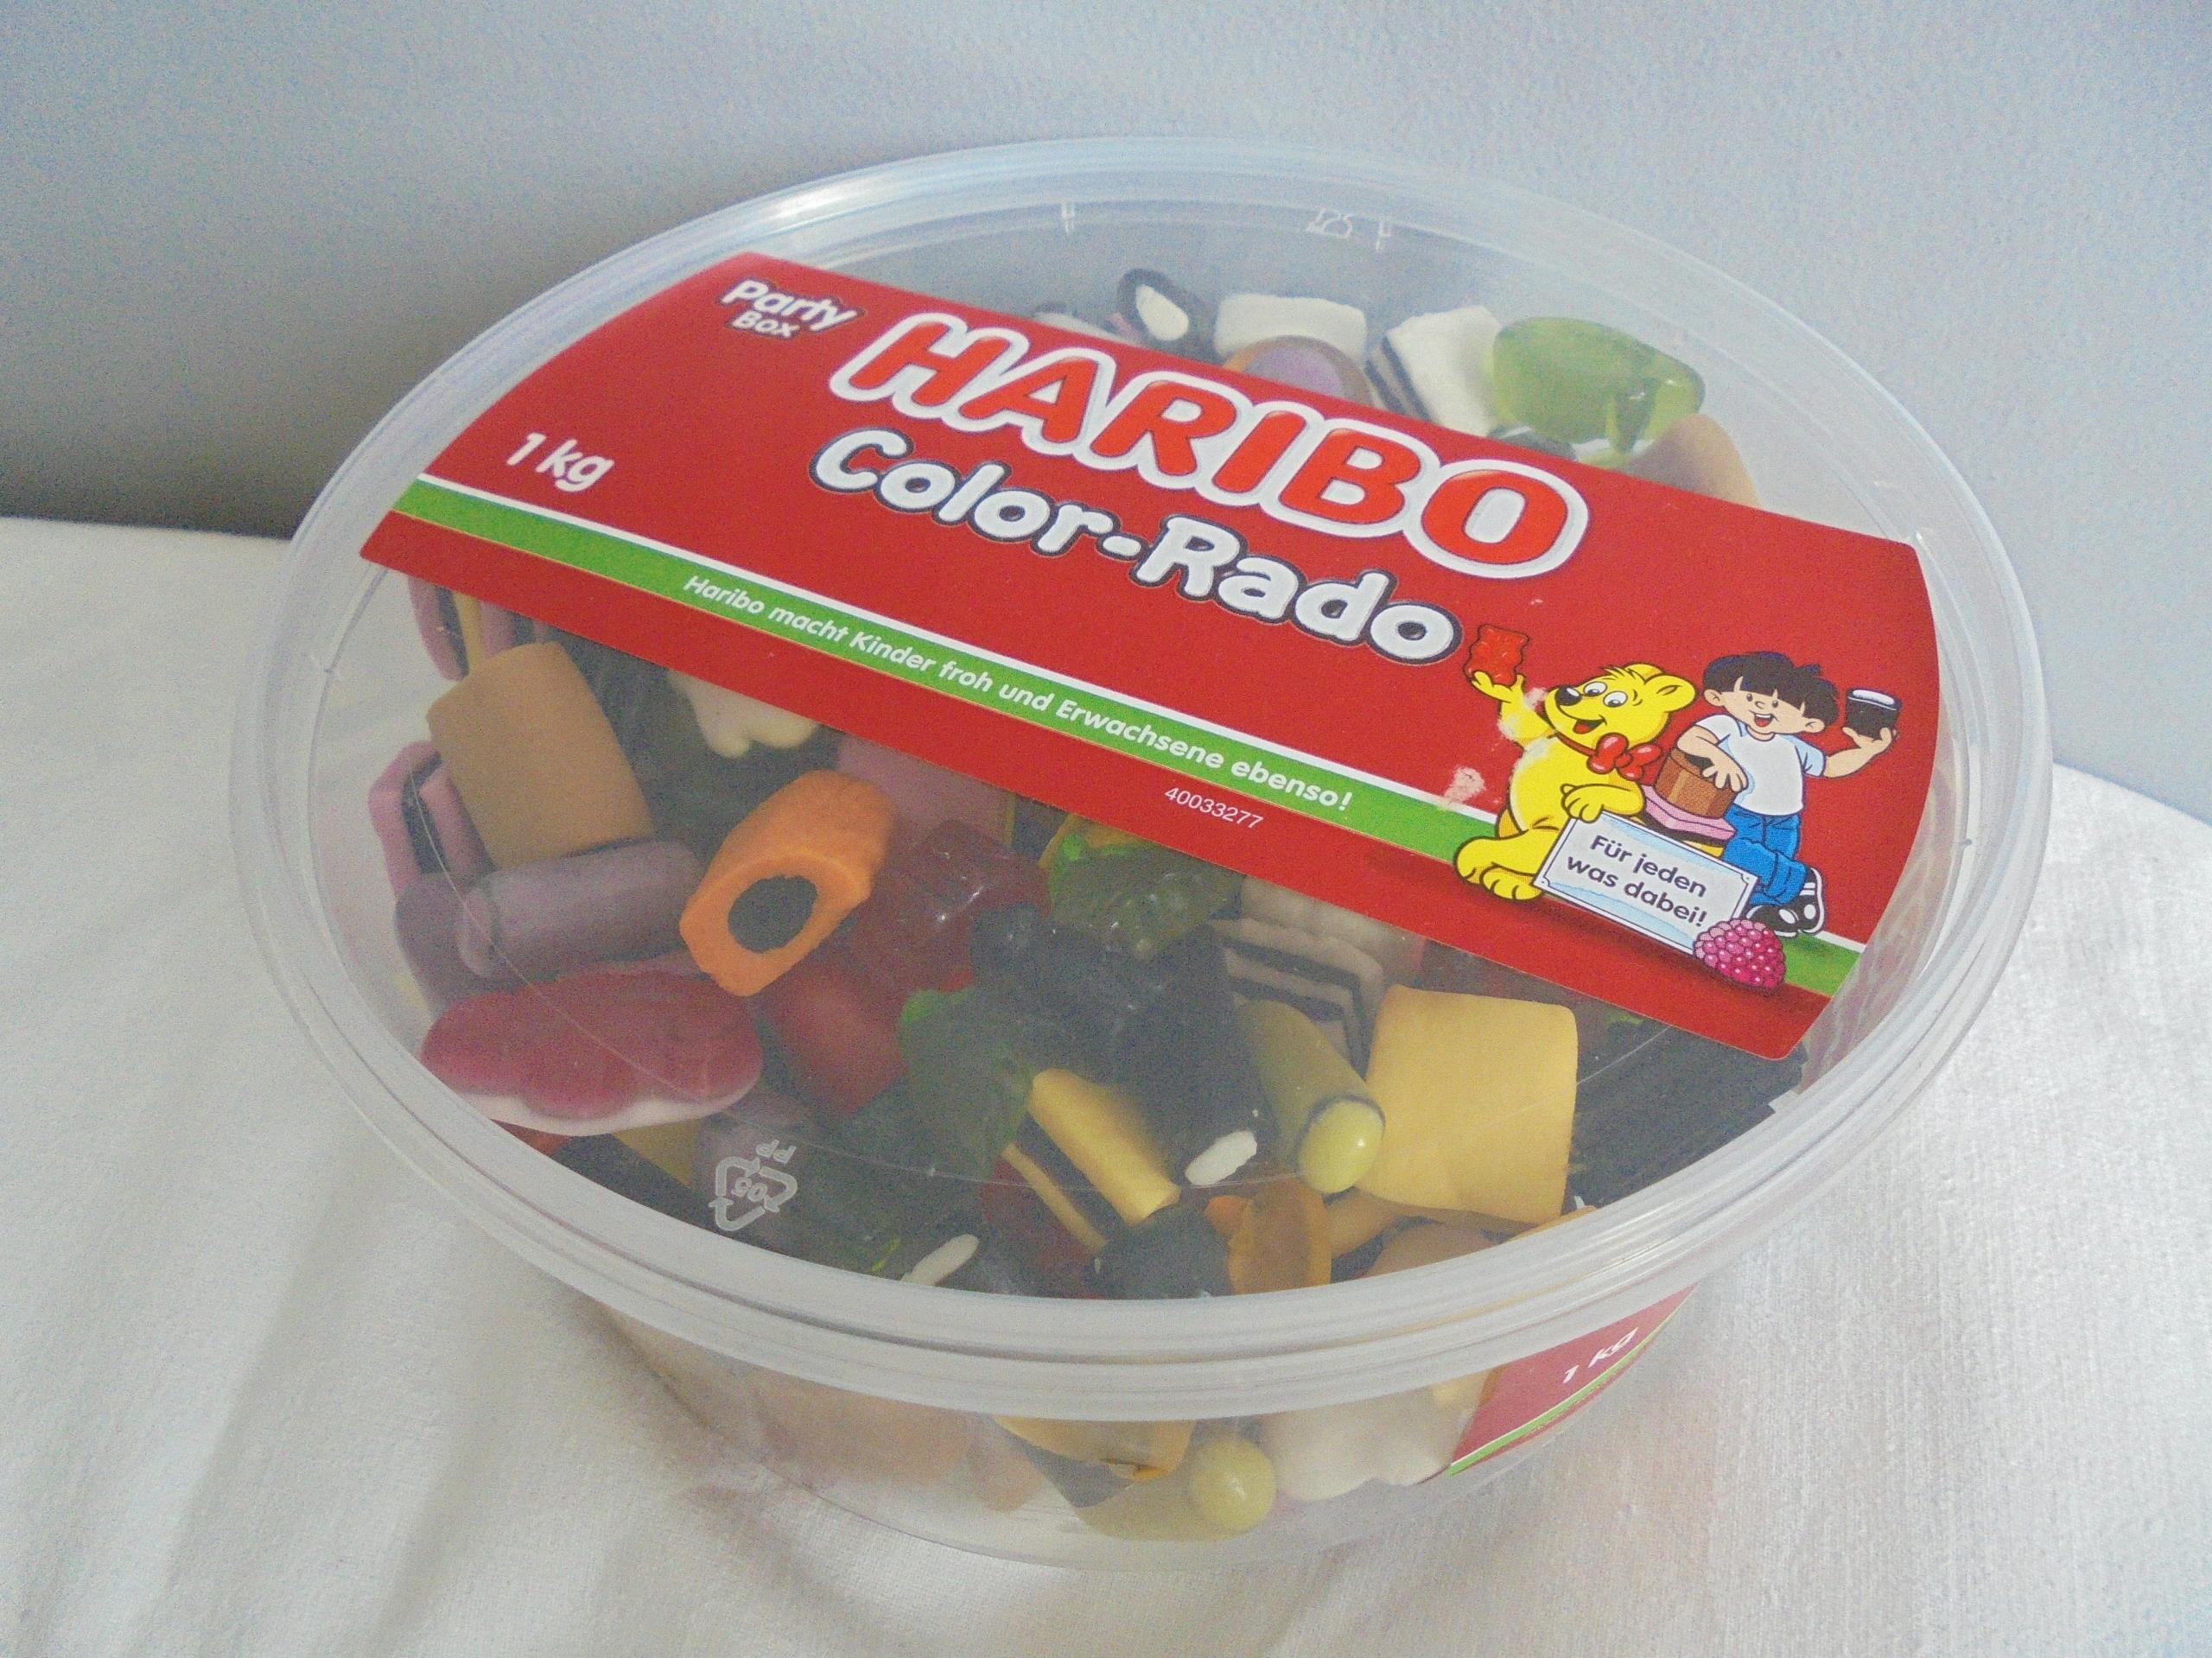 -=- HARIBO COLOR-RADO- PUSZKA 1 kg - Z NIEMIEC -=-